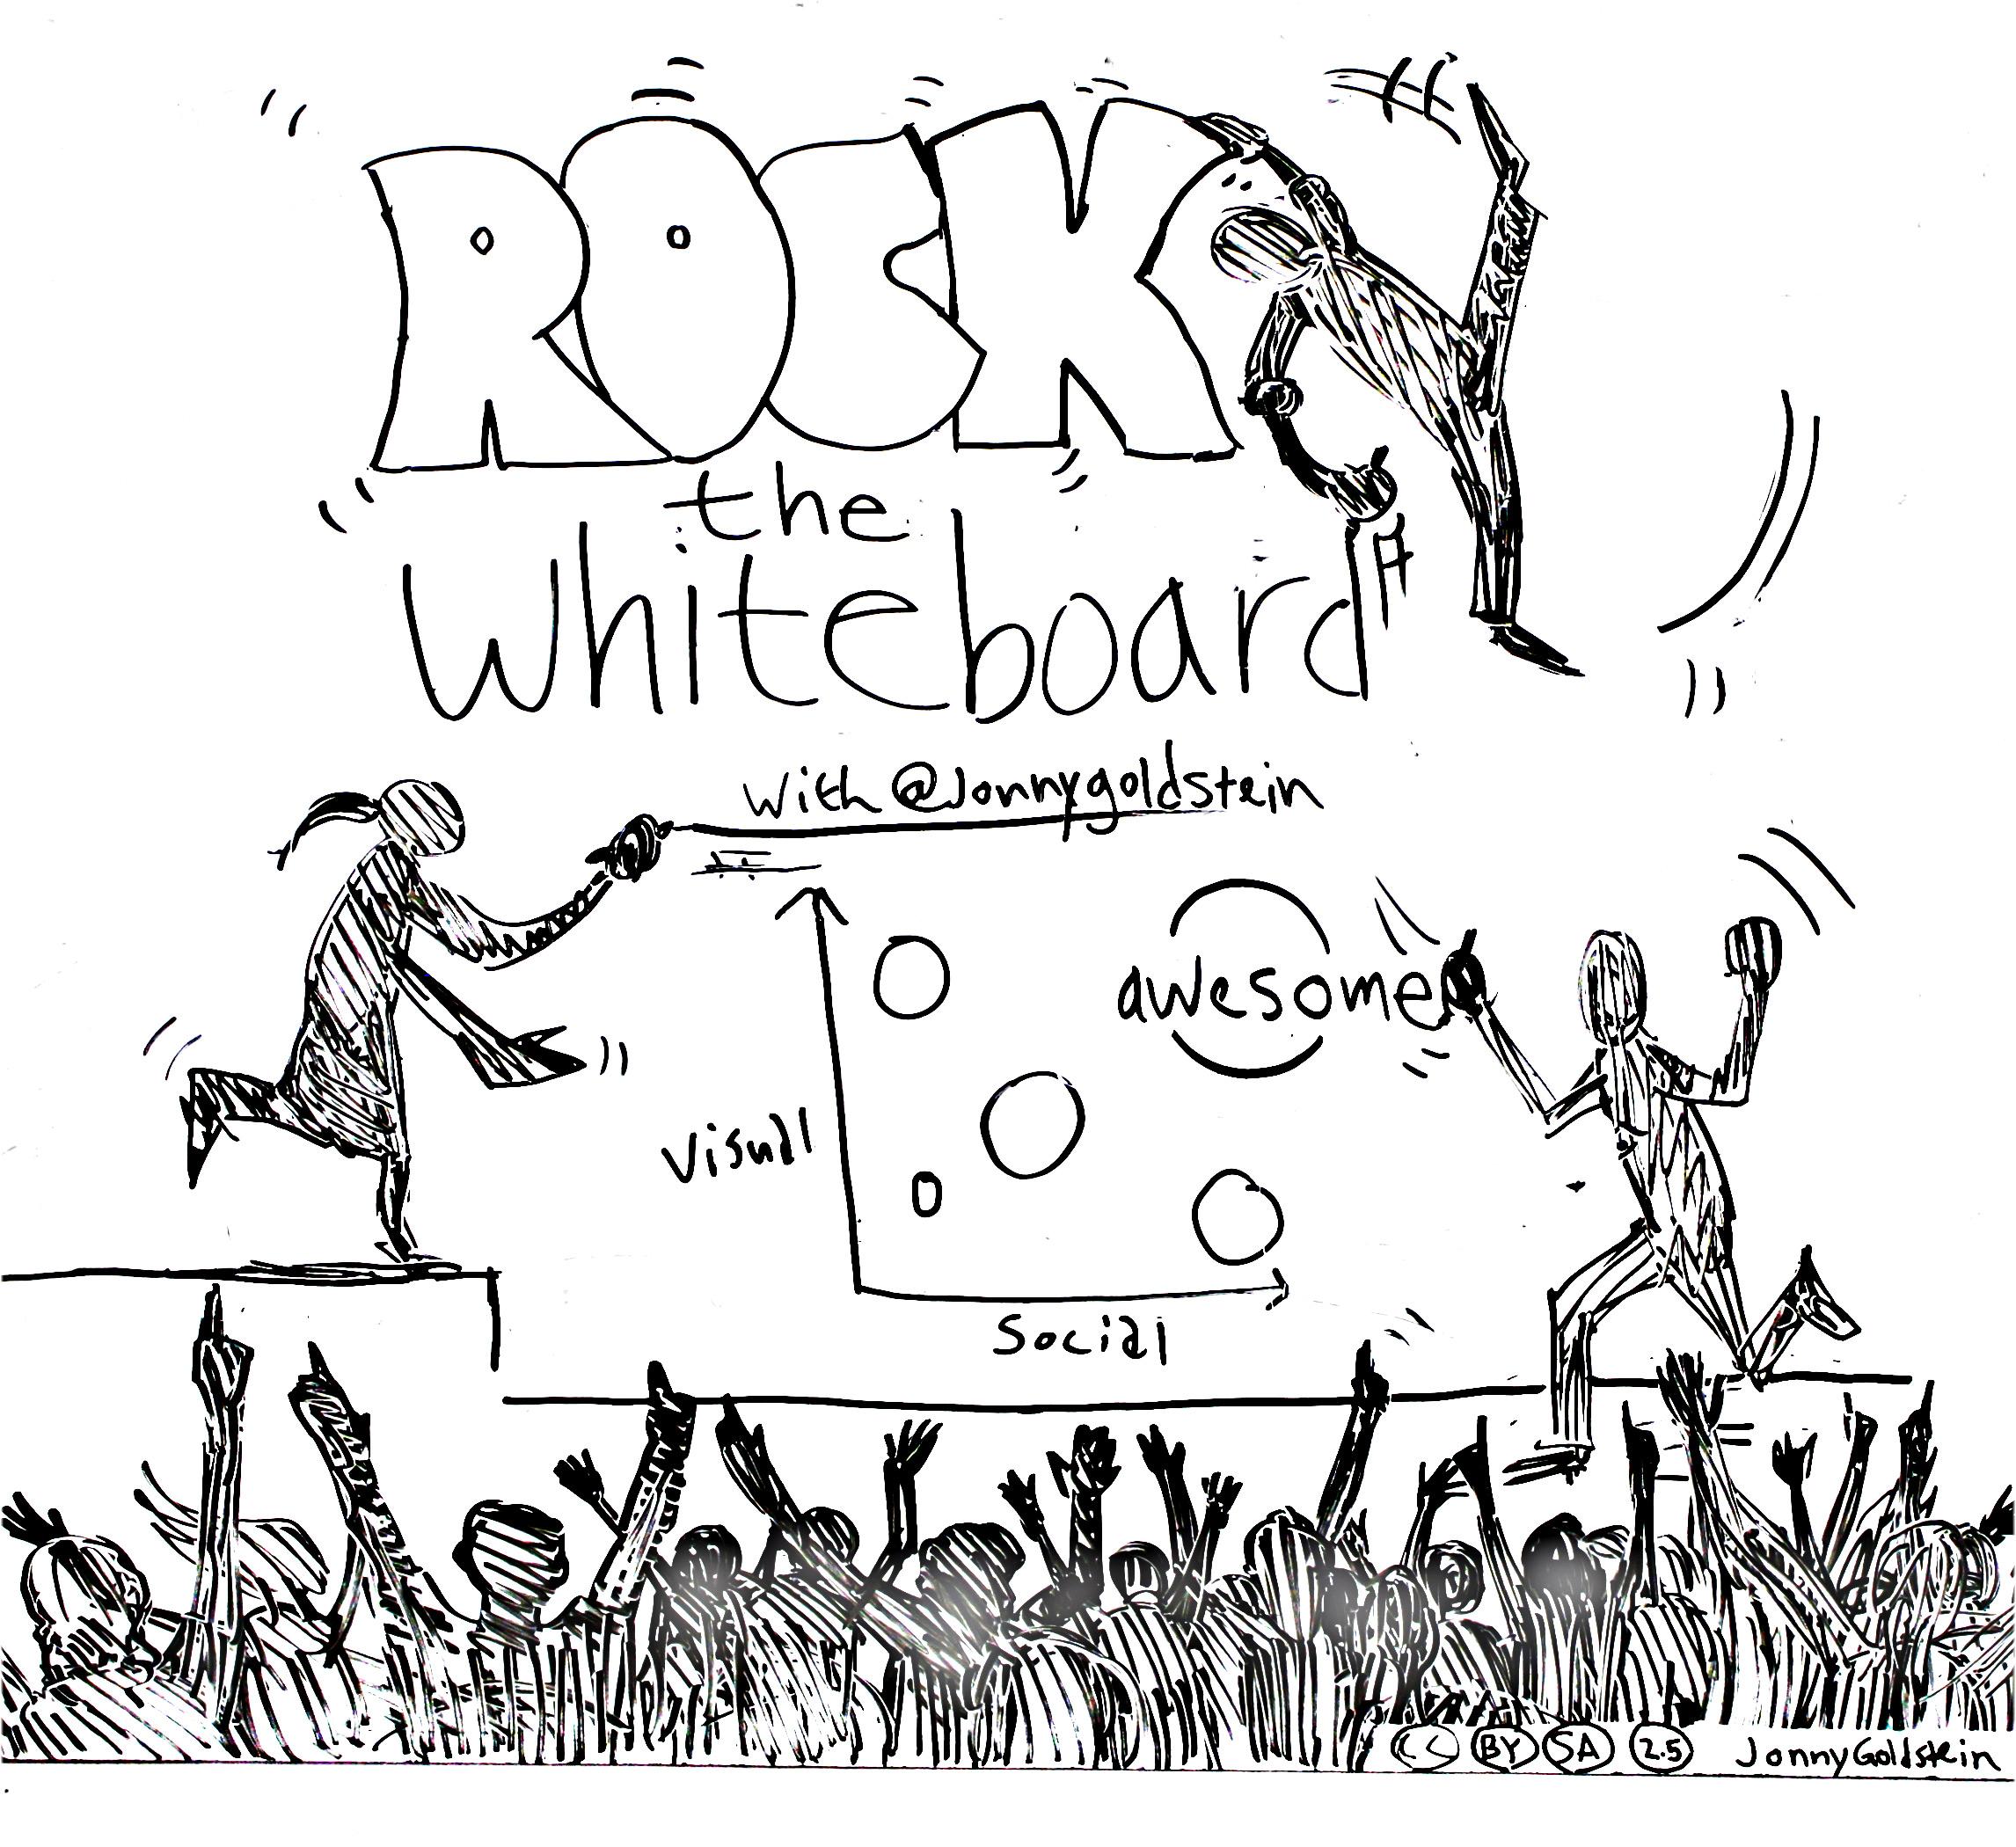 rockthewhiteboard